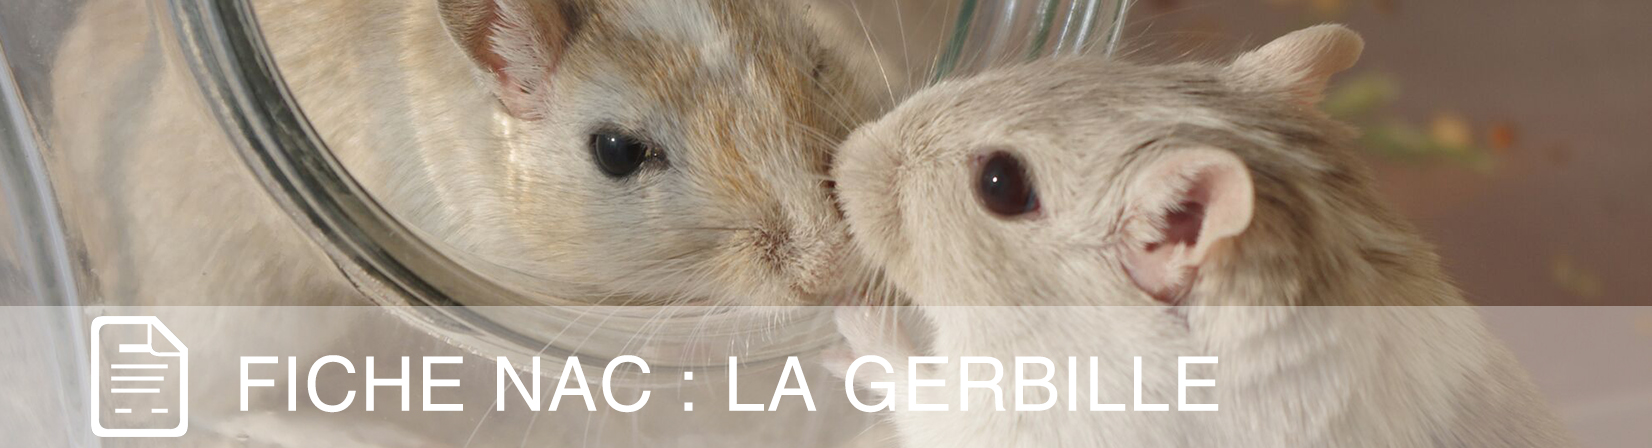 fiche-nac-gerbille